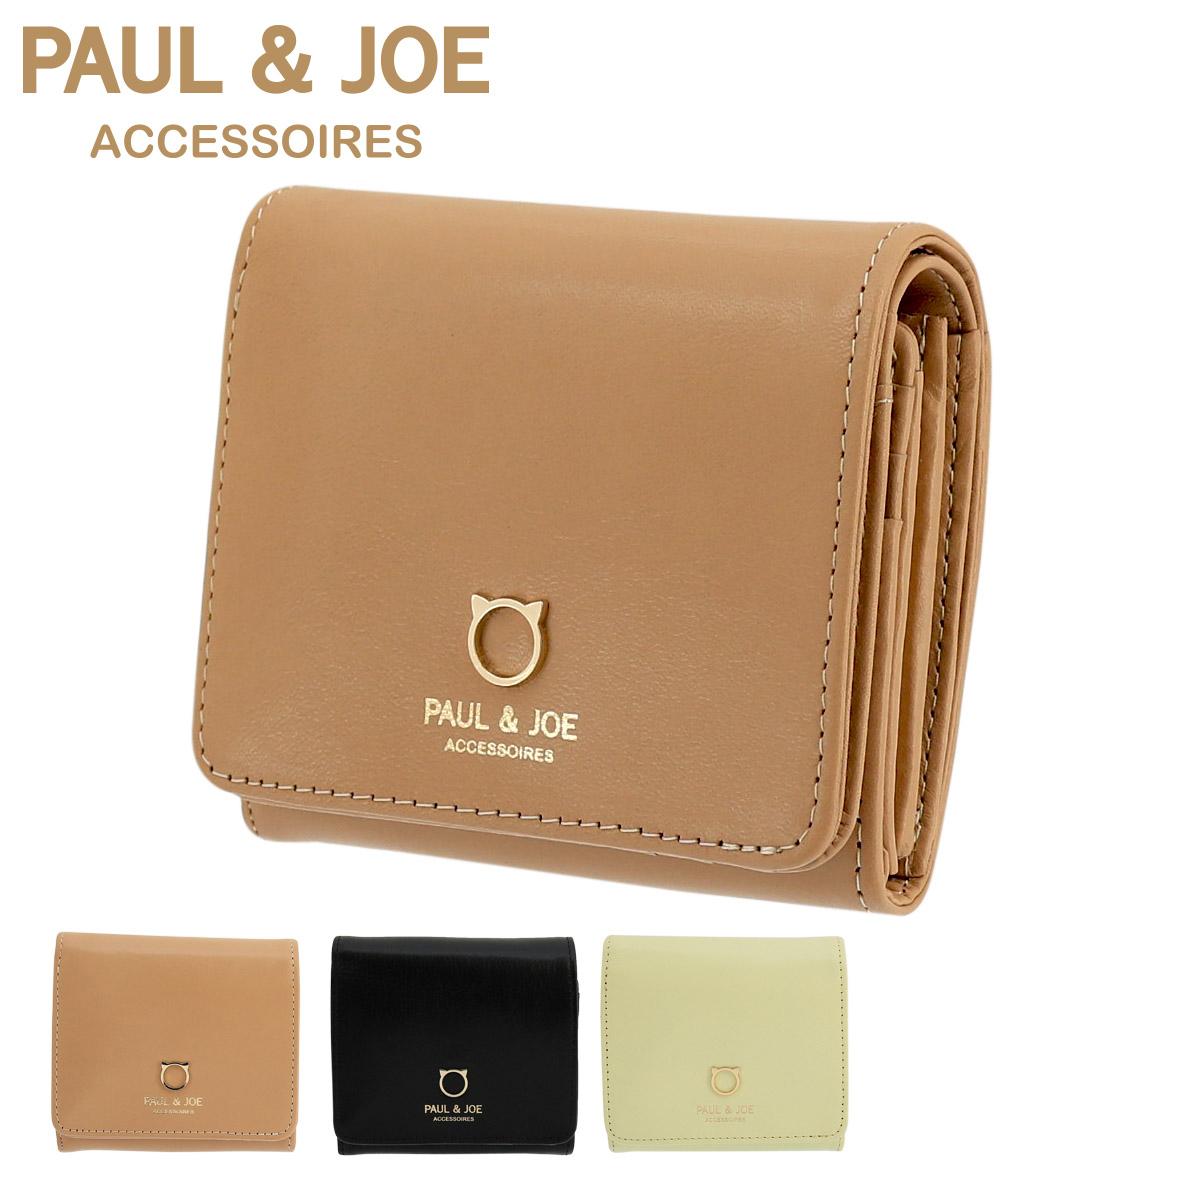 ポール&ジョー アクセソワ 二つ折り財布 スモールキャットフェイス レディース PJA-W062 ポール&ジョー PAUL&JOE ACCESSOIRES | 牛革 本革 レザー[bef][PO10][母の日]